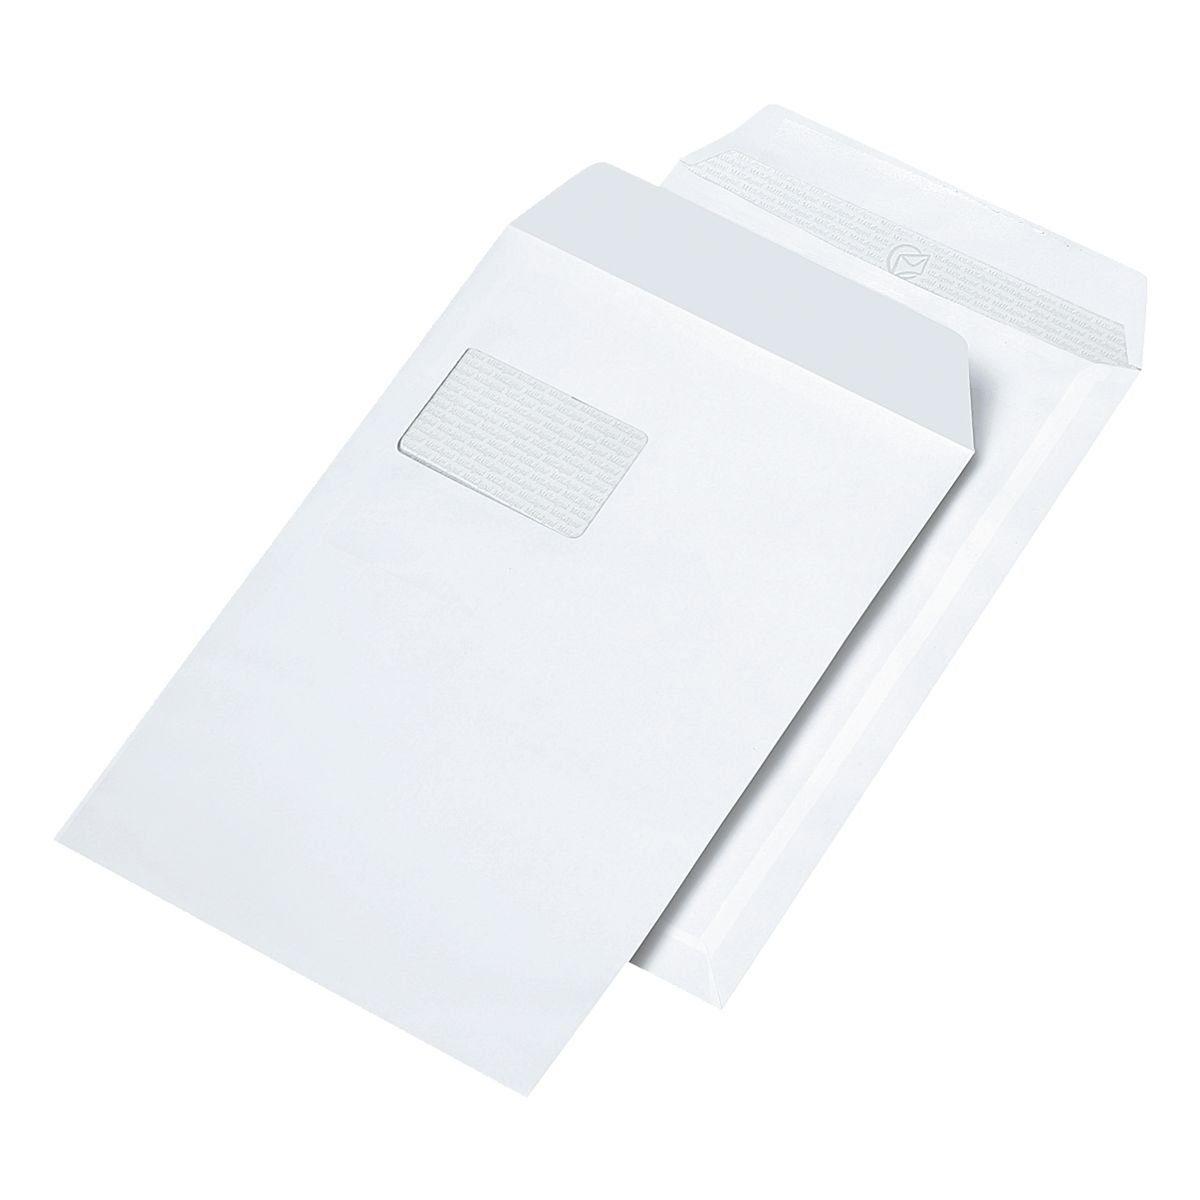 Mailmedia 10 Laserbedruckbare Versandtaschen C4 mit Fenster »Maildigital«